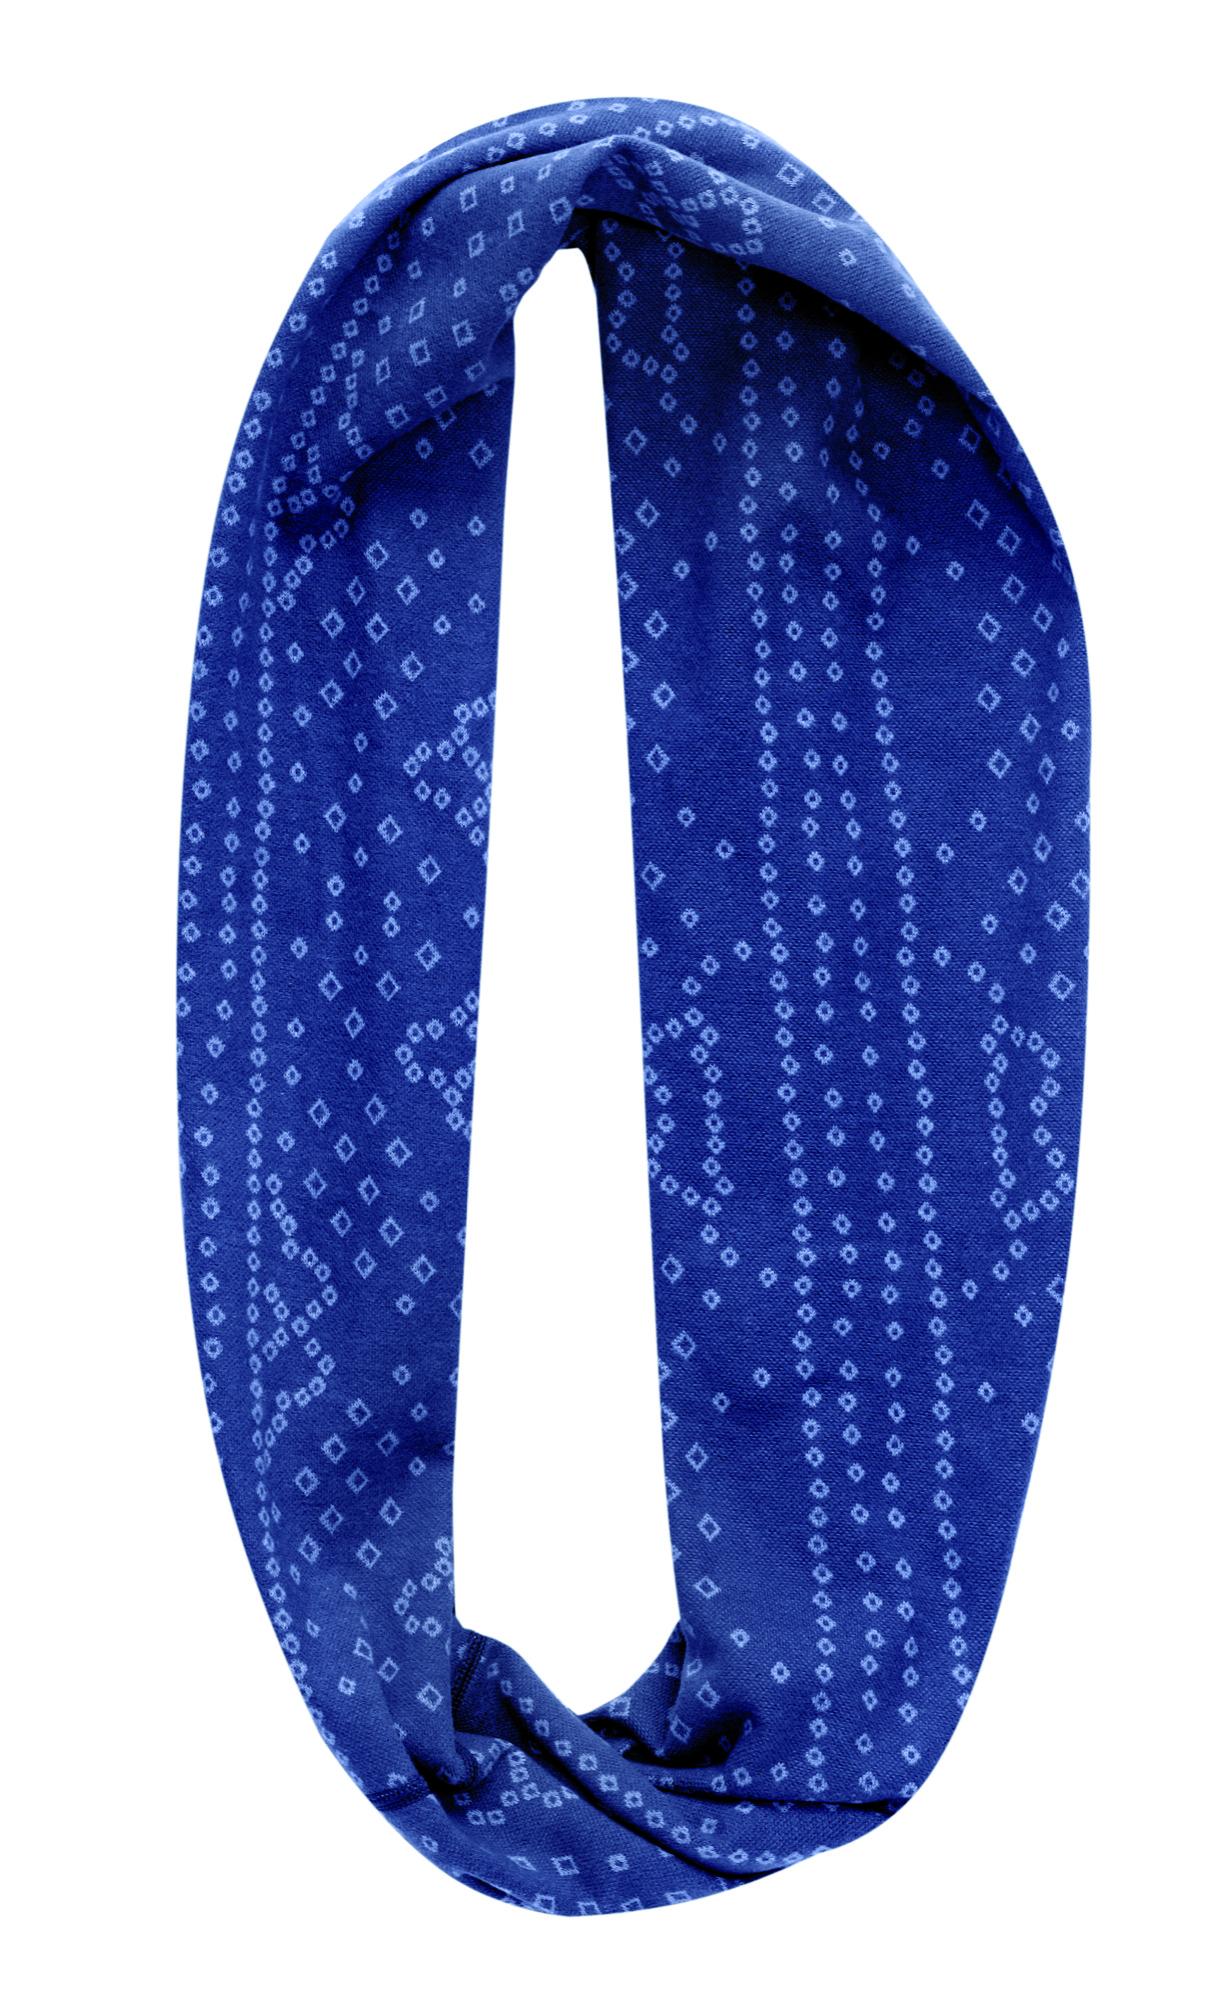 Купить Шарф BUFF Infinity Cotton Jacquard INFINITY COTTON TINAN Банданы и шарфы Buff ® 1079911